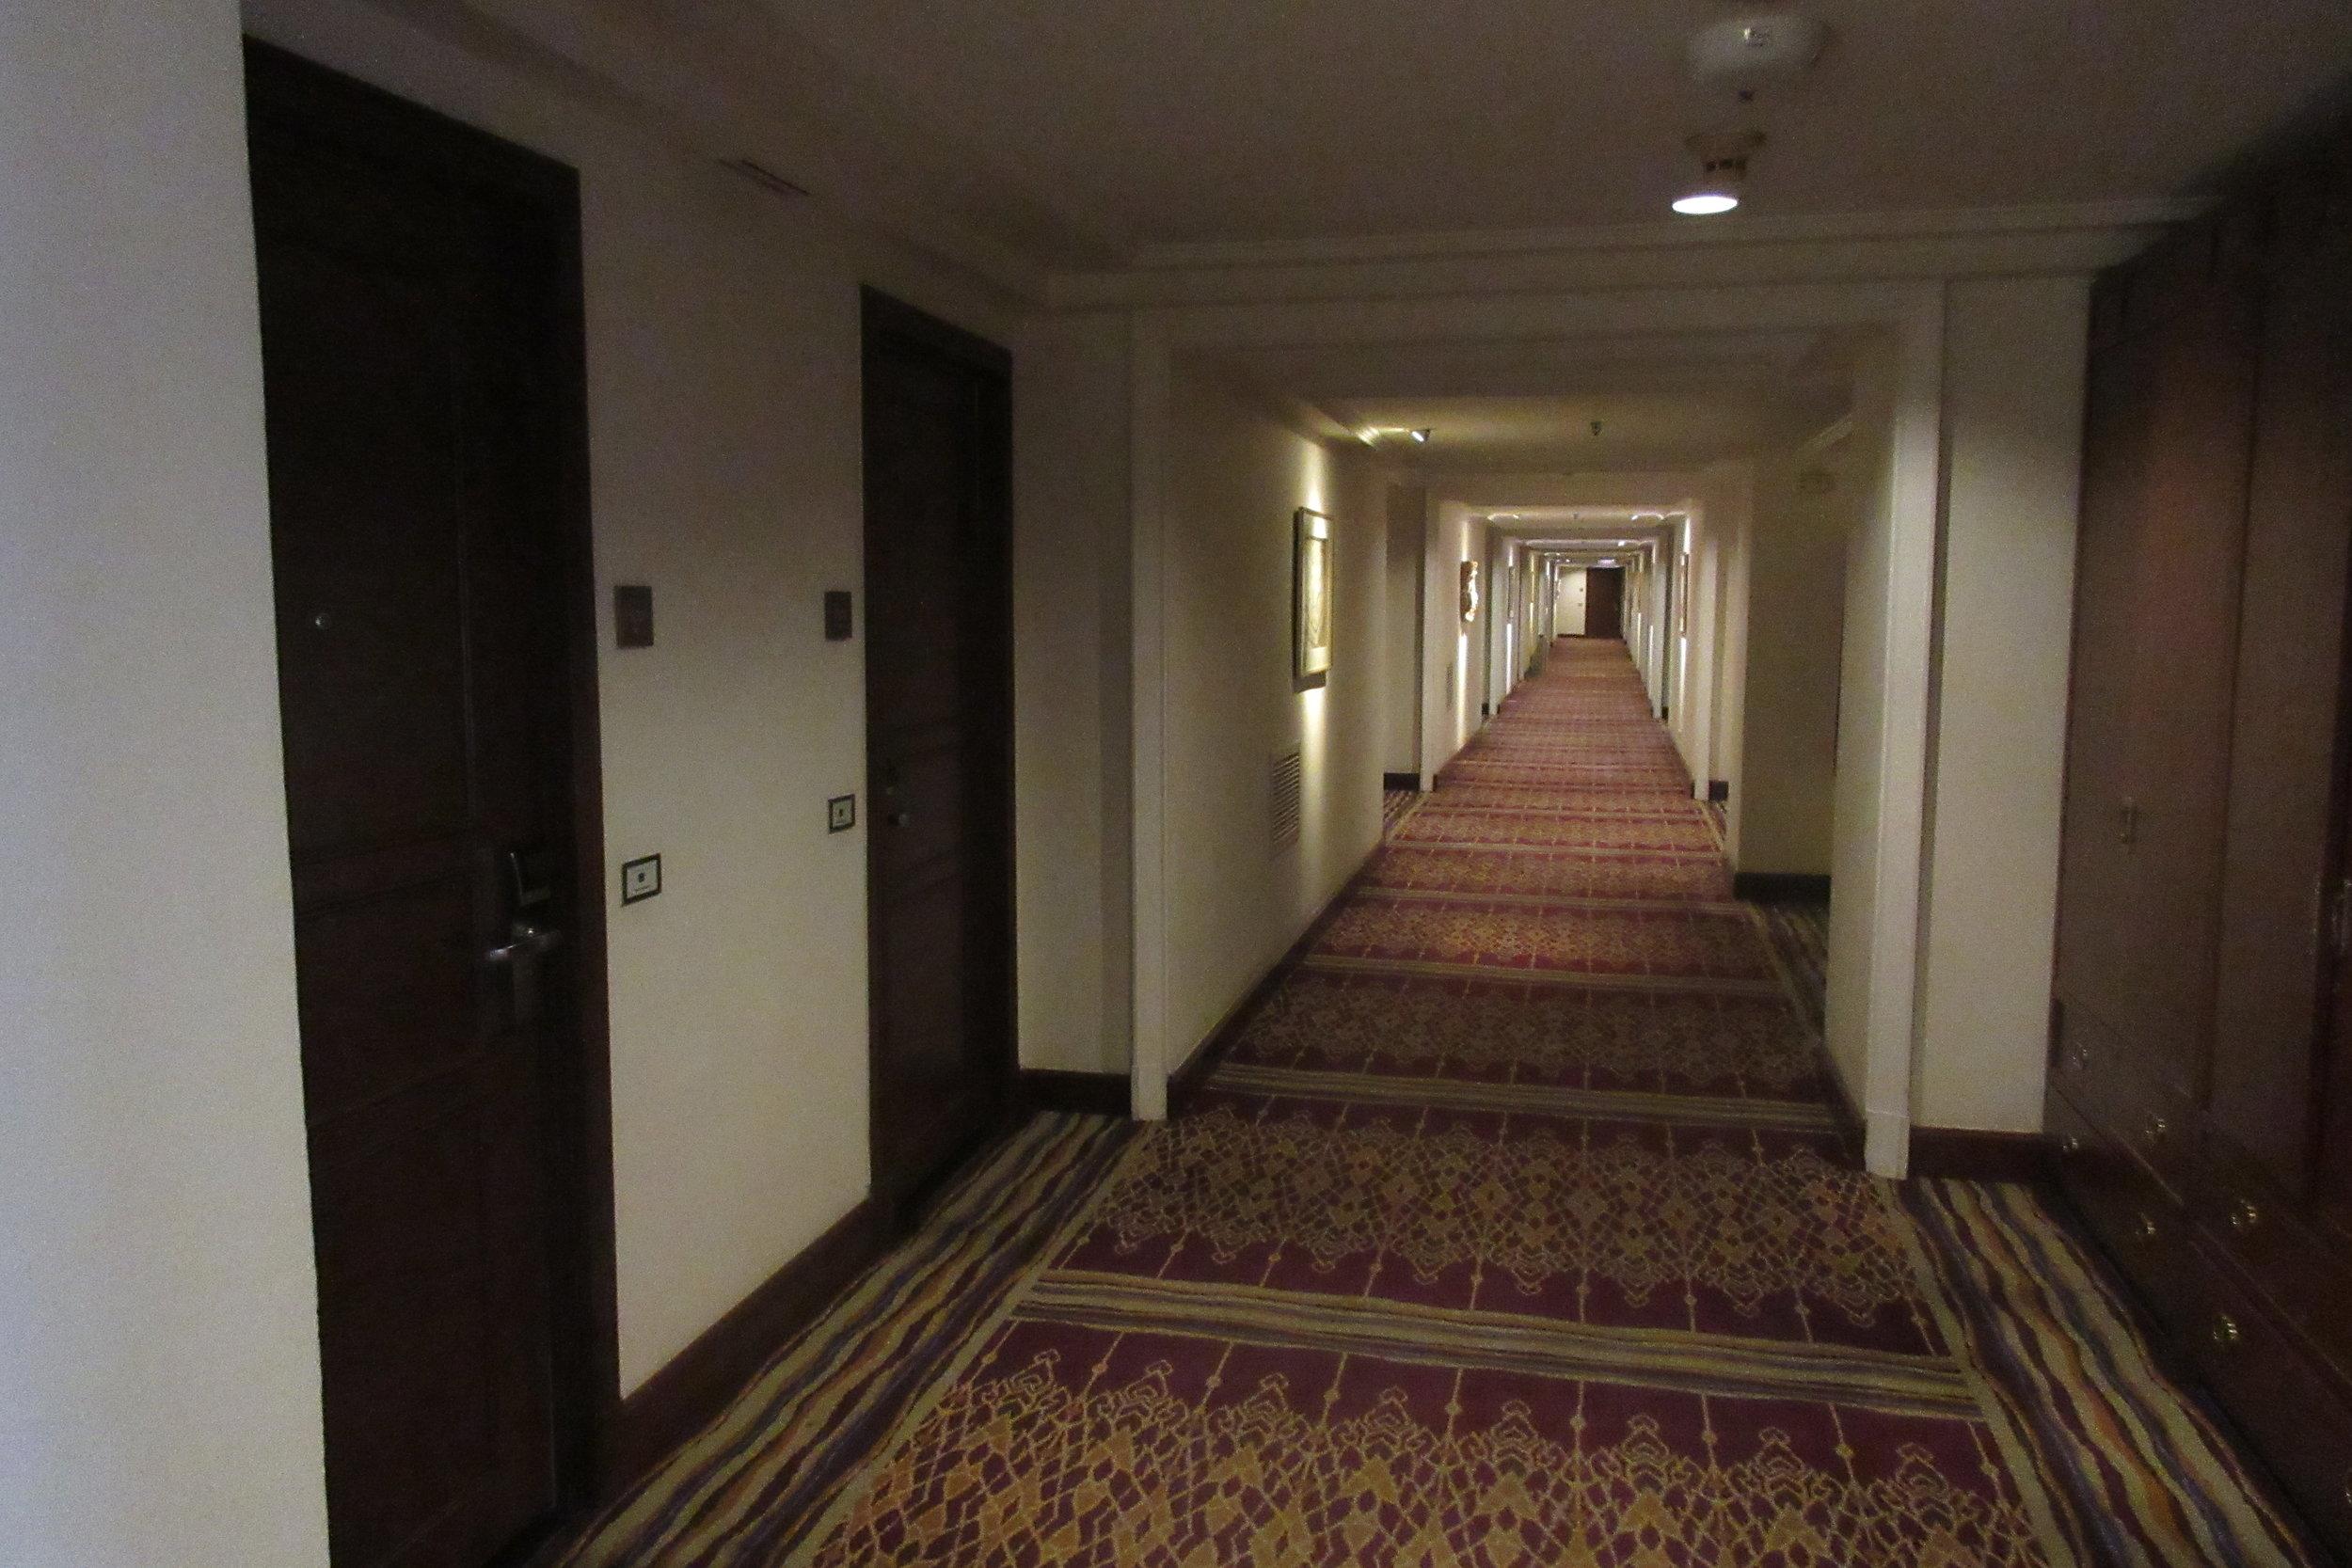 JW Marriott Bangkok – 16th floor hallway